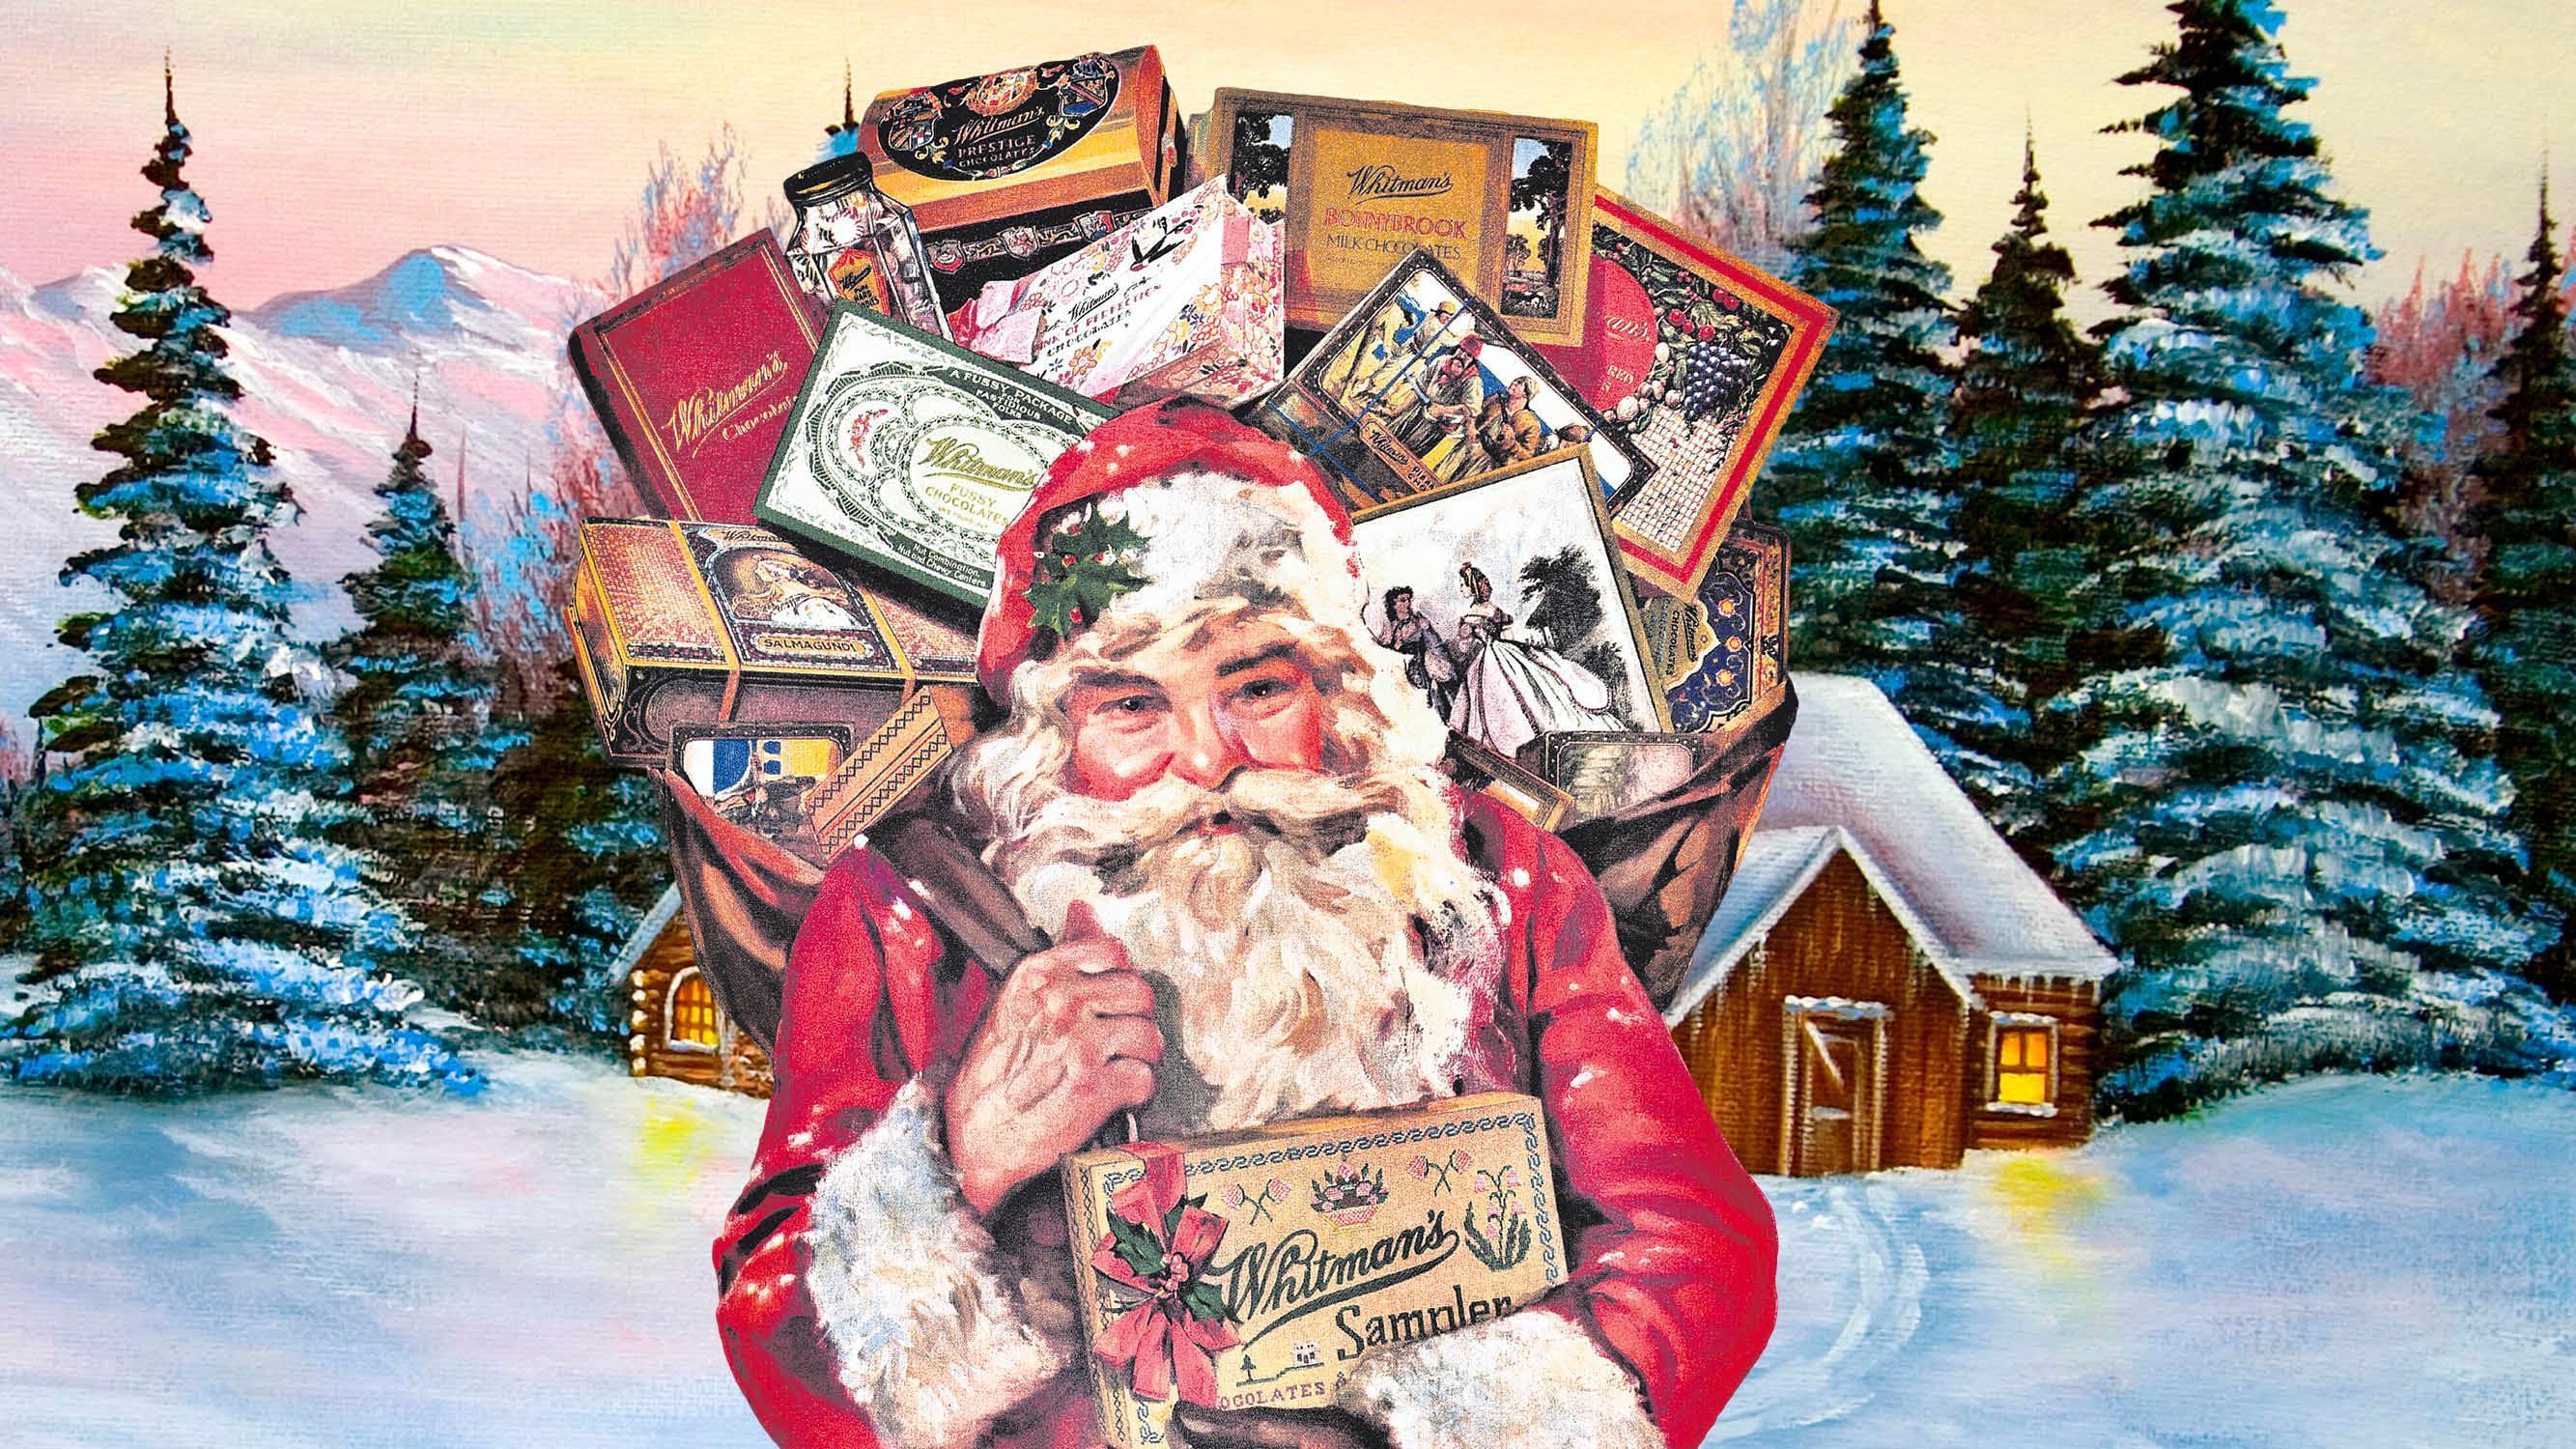 Du lịch mùa Giáng Sinh – Chuyến đi rực rỡ sắc màu